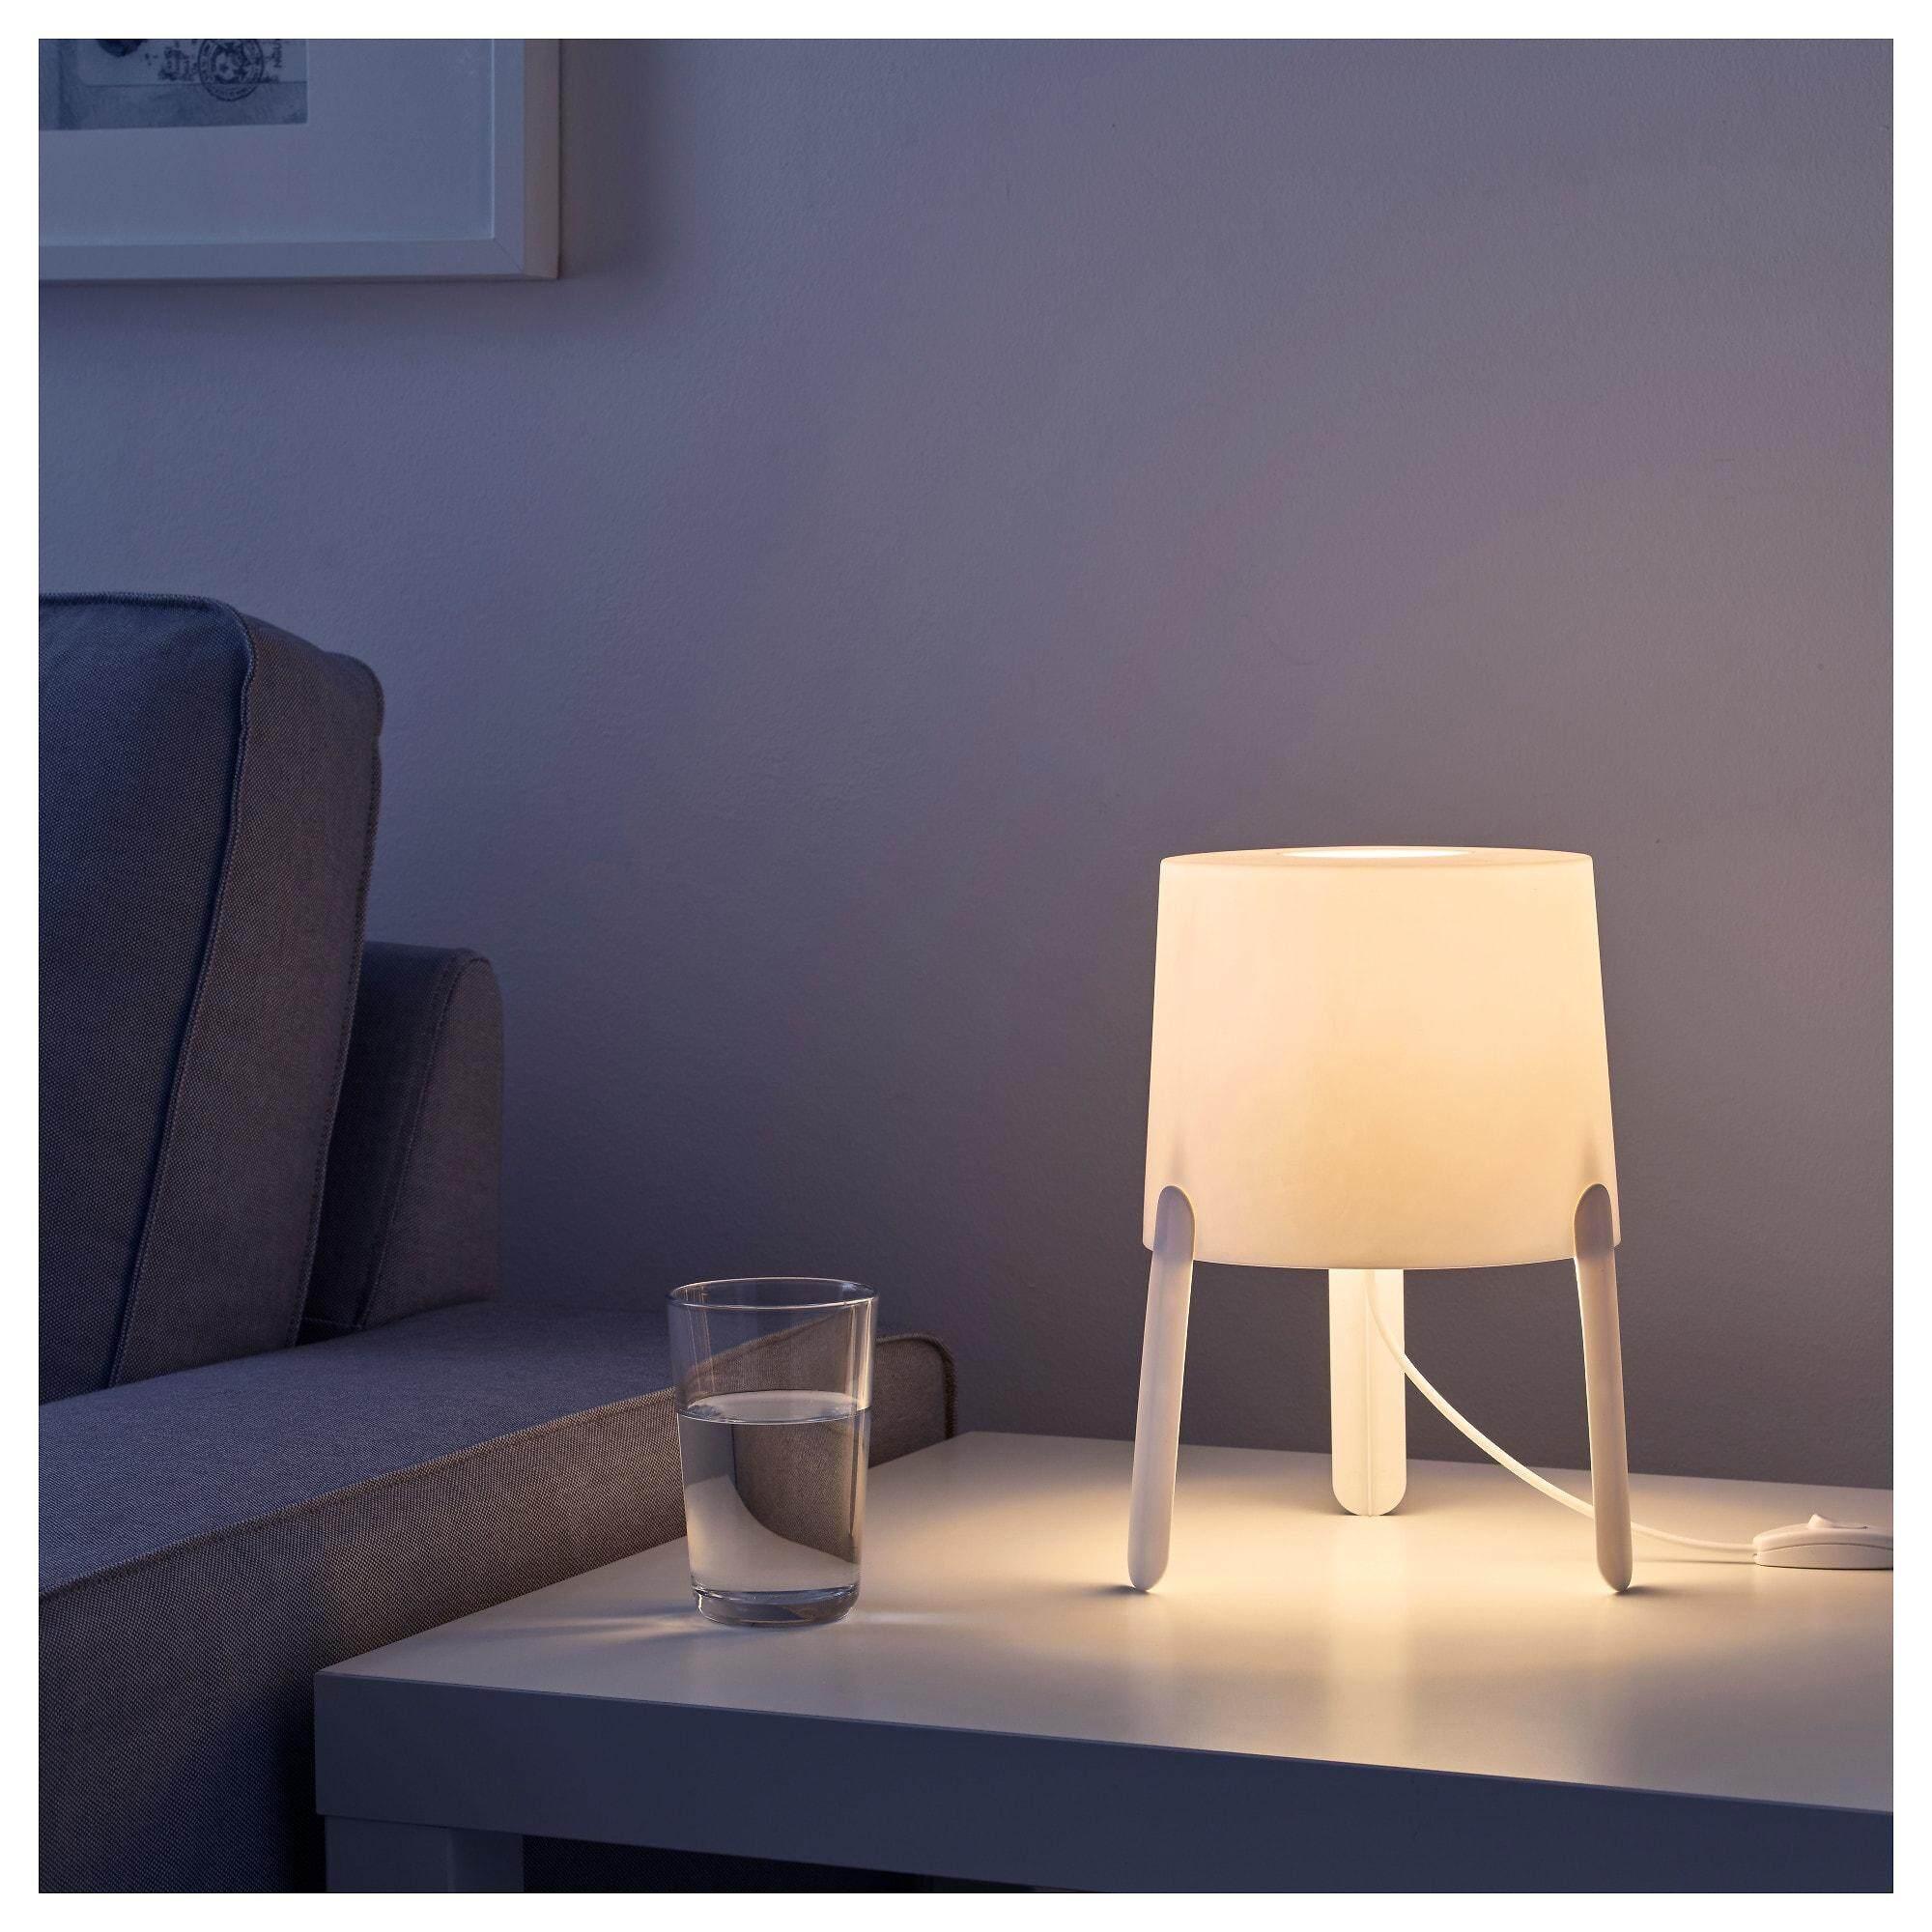 ราคาถูก TvÄrs ทวาช โคมไฟตั้งโต๊ะ ขาว ให้แสงไฟอ่อนๆ By Vvs.